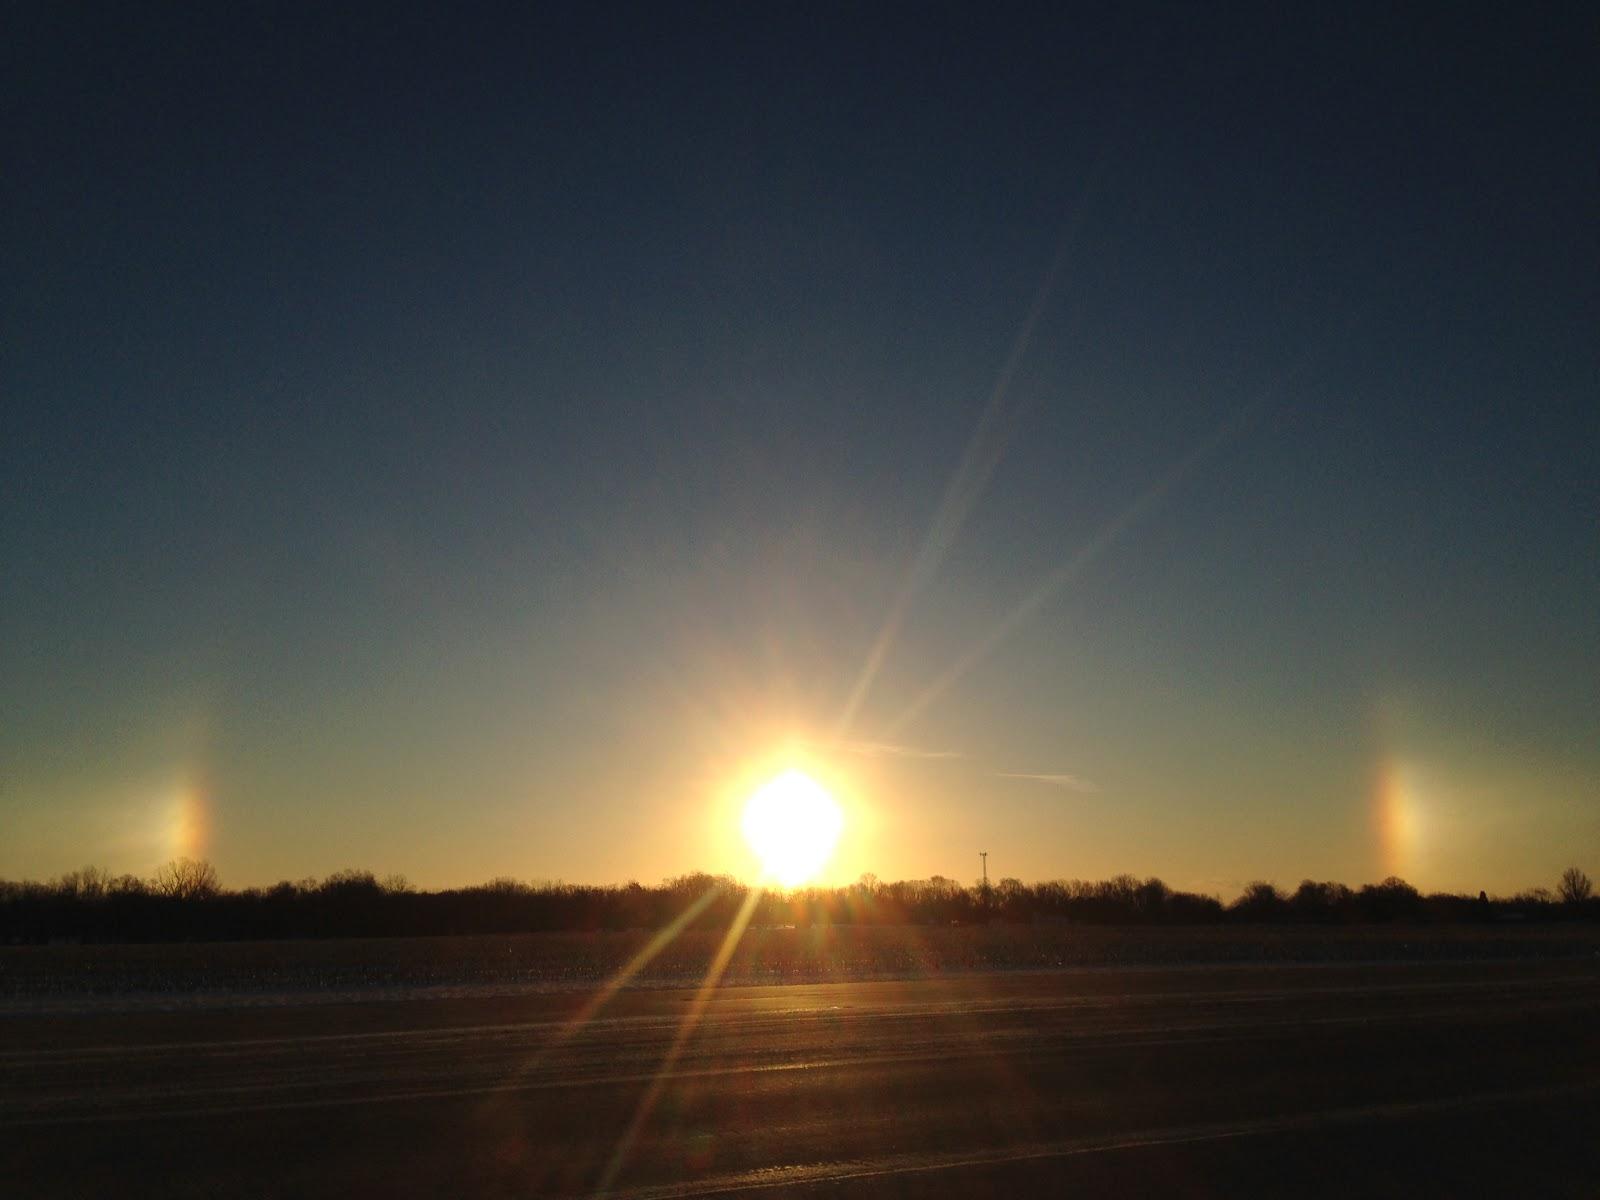 rainbow around the sun lights on both sides